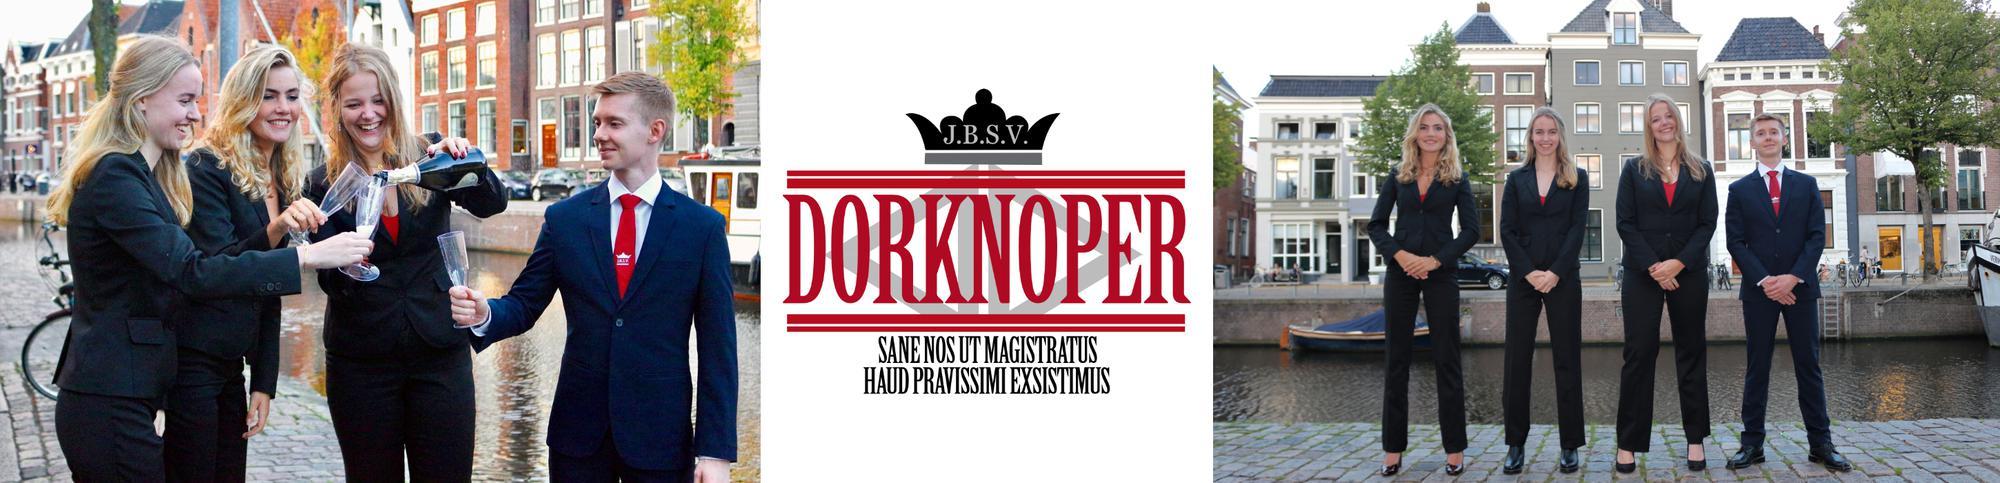 Welkom bij J.B.S.V Dorknoper